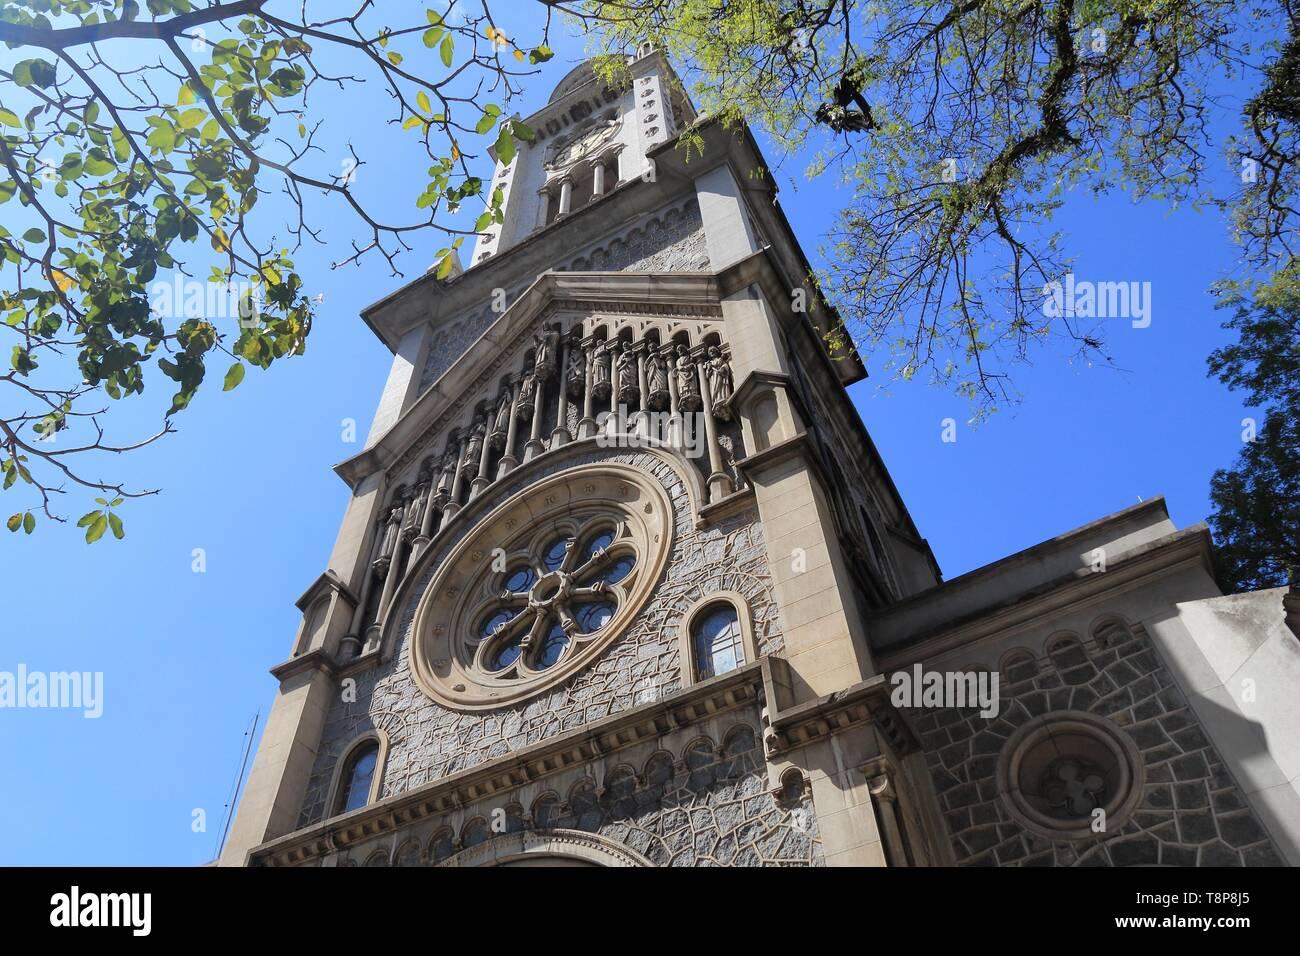 Church in Sao Paulo, Brazil. Nossa Senhora da Consolacao - Romanesque Revival style architecture. - Stock Image